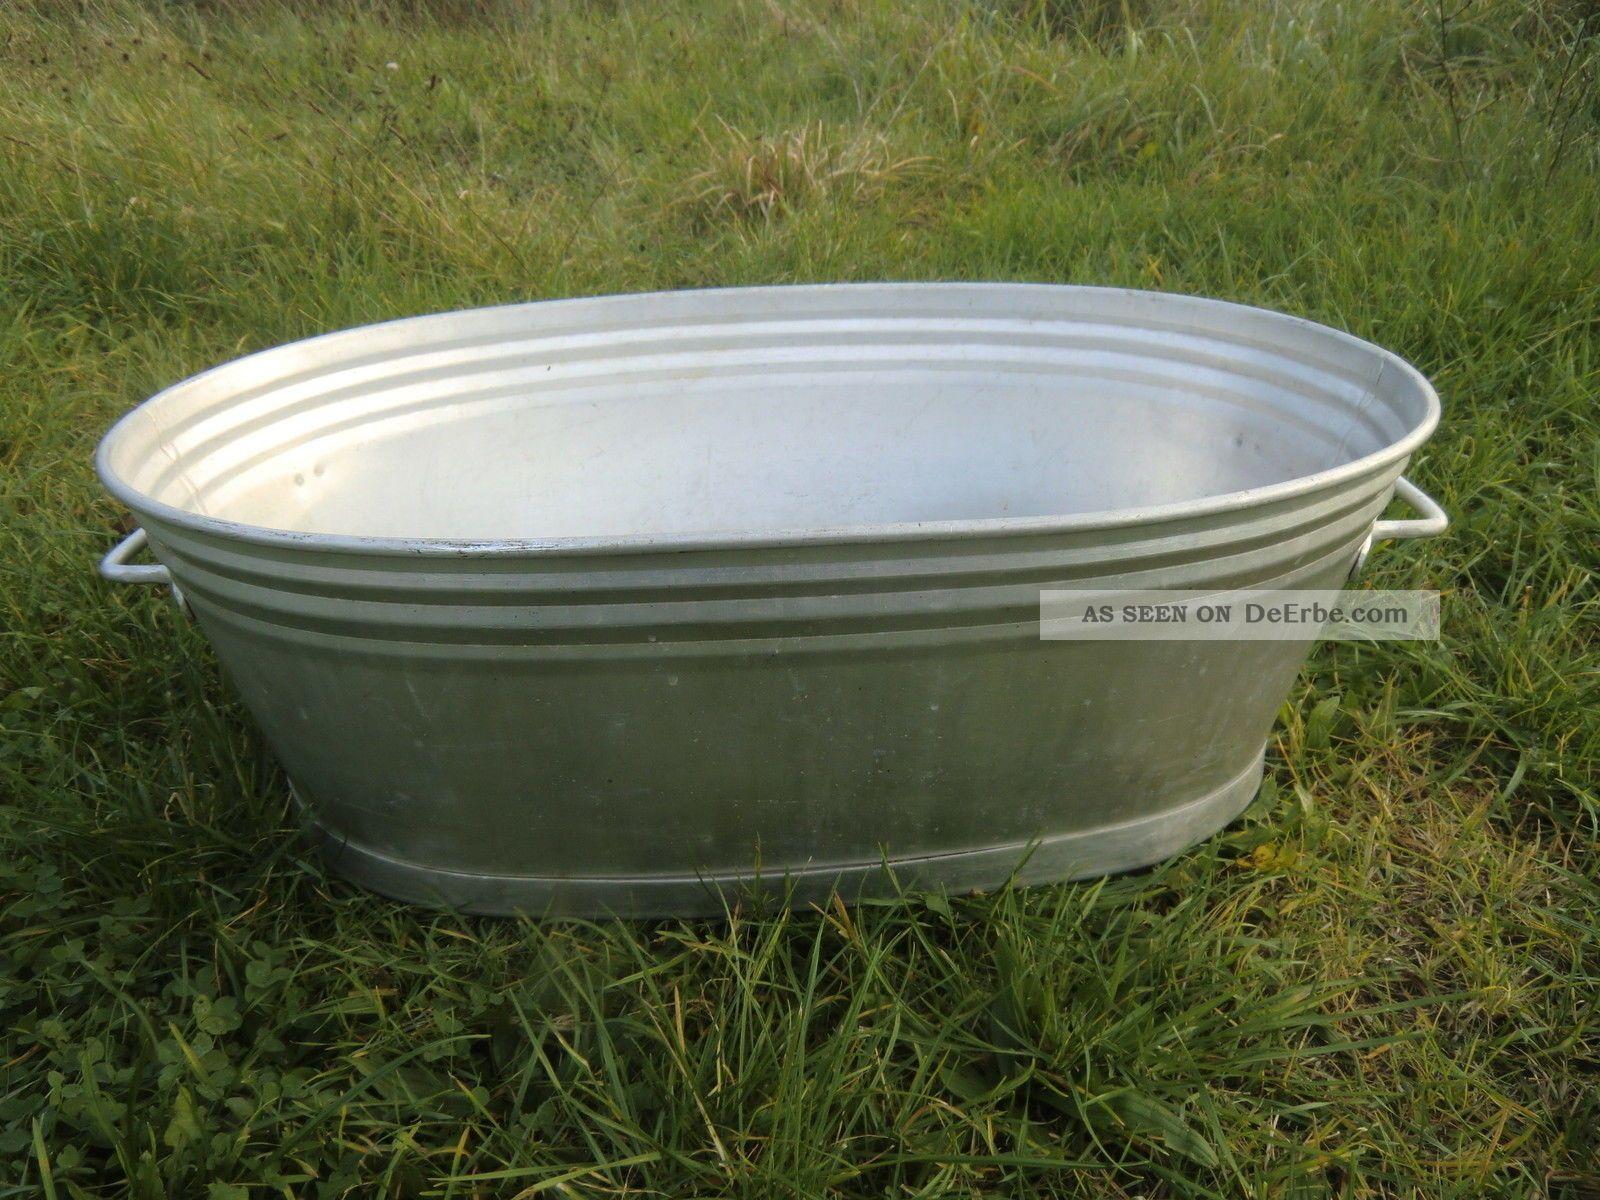 Alte aluminium wanne zum bepflanzen gartendeko top for Gartendeko zum bepflanzen